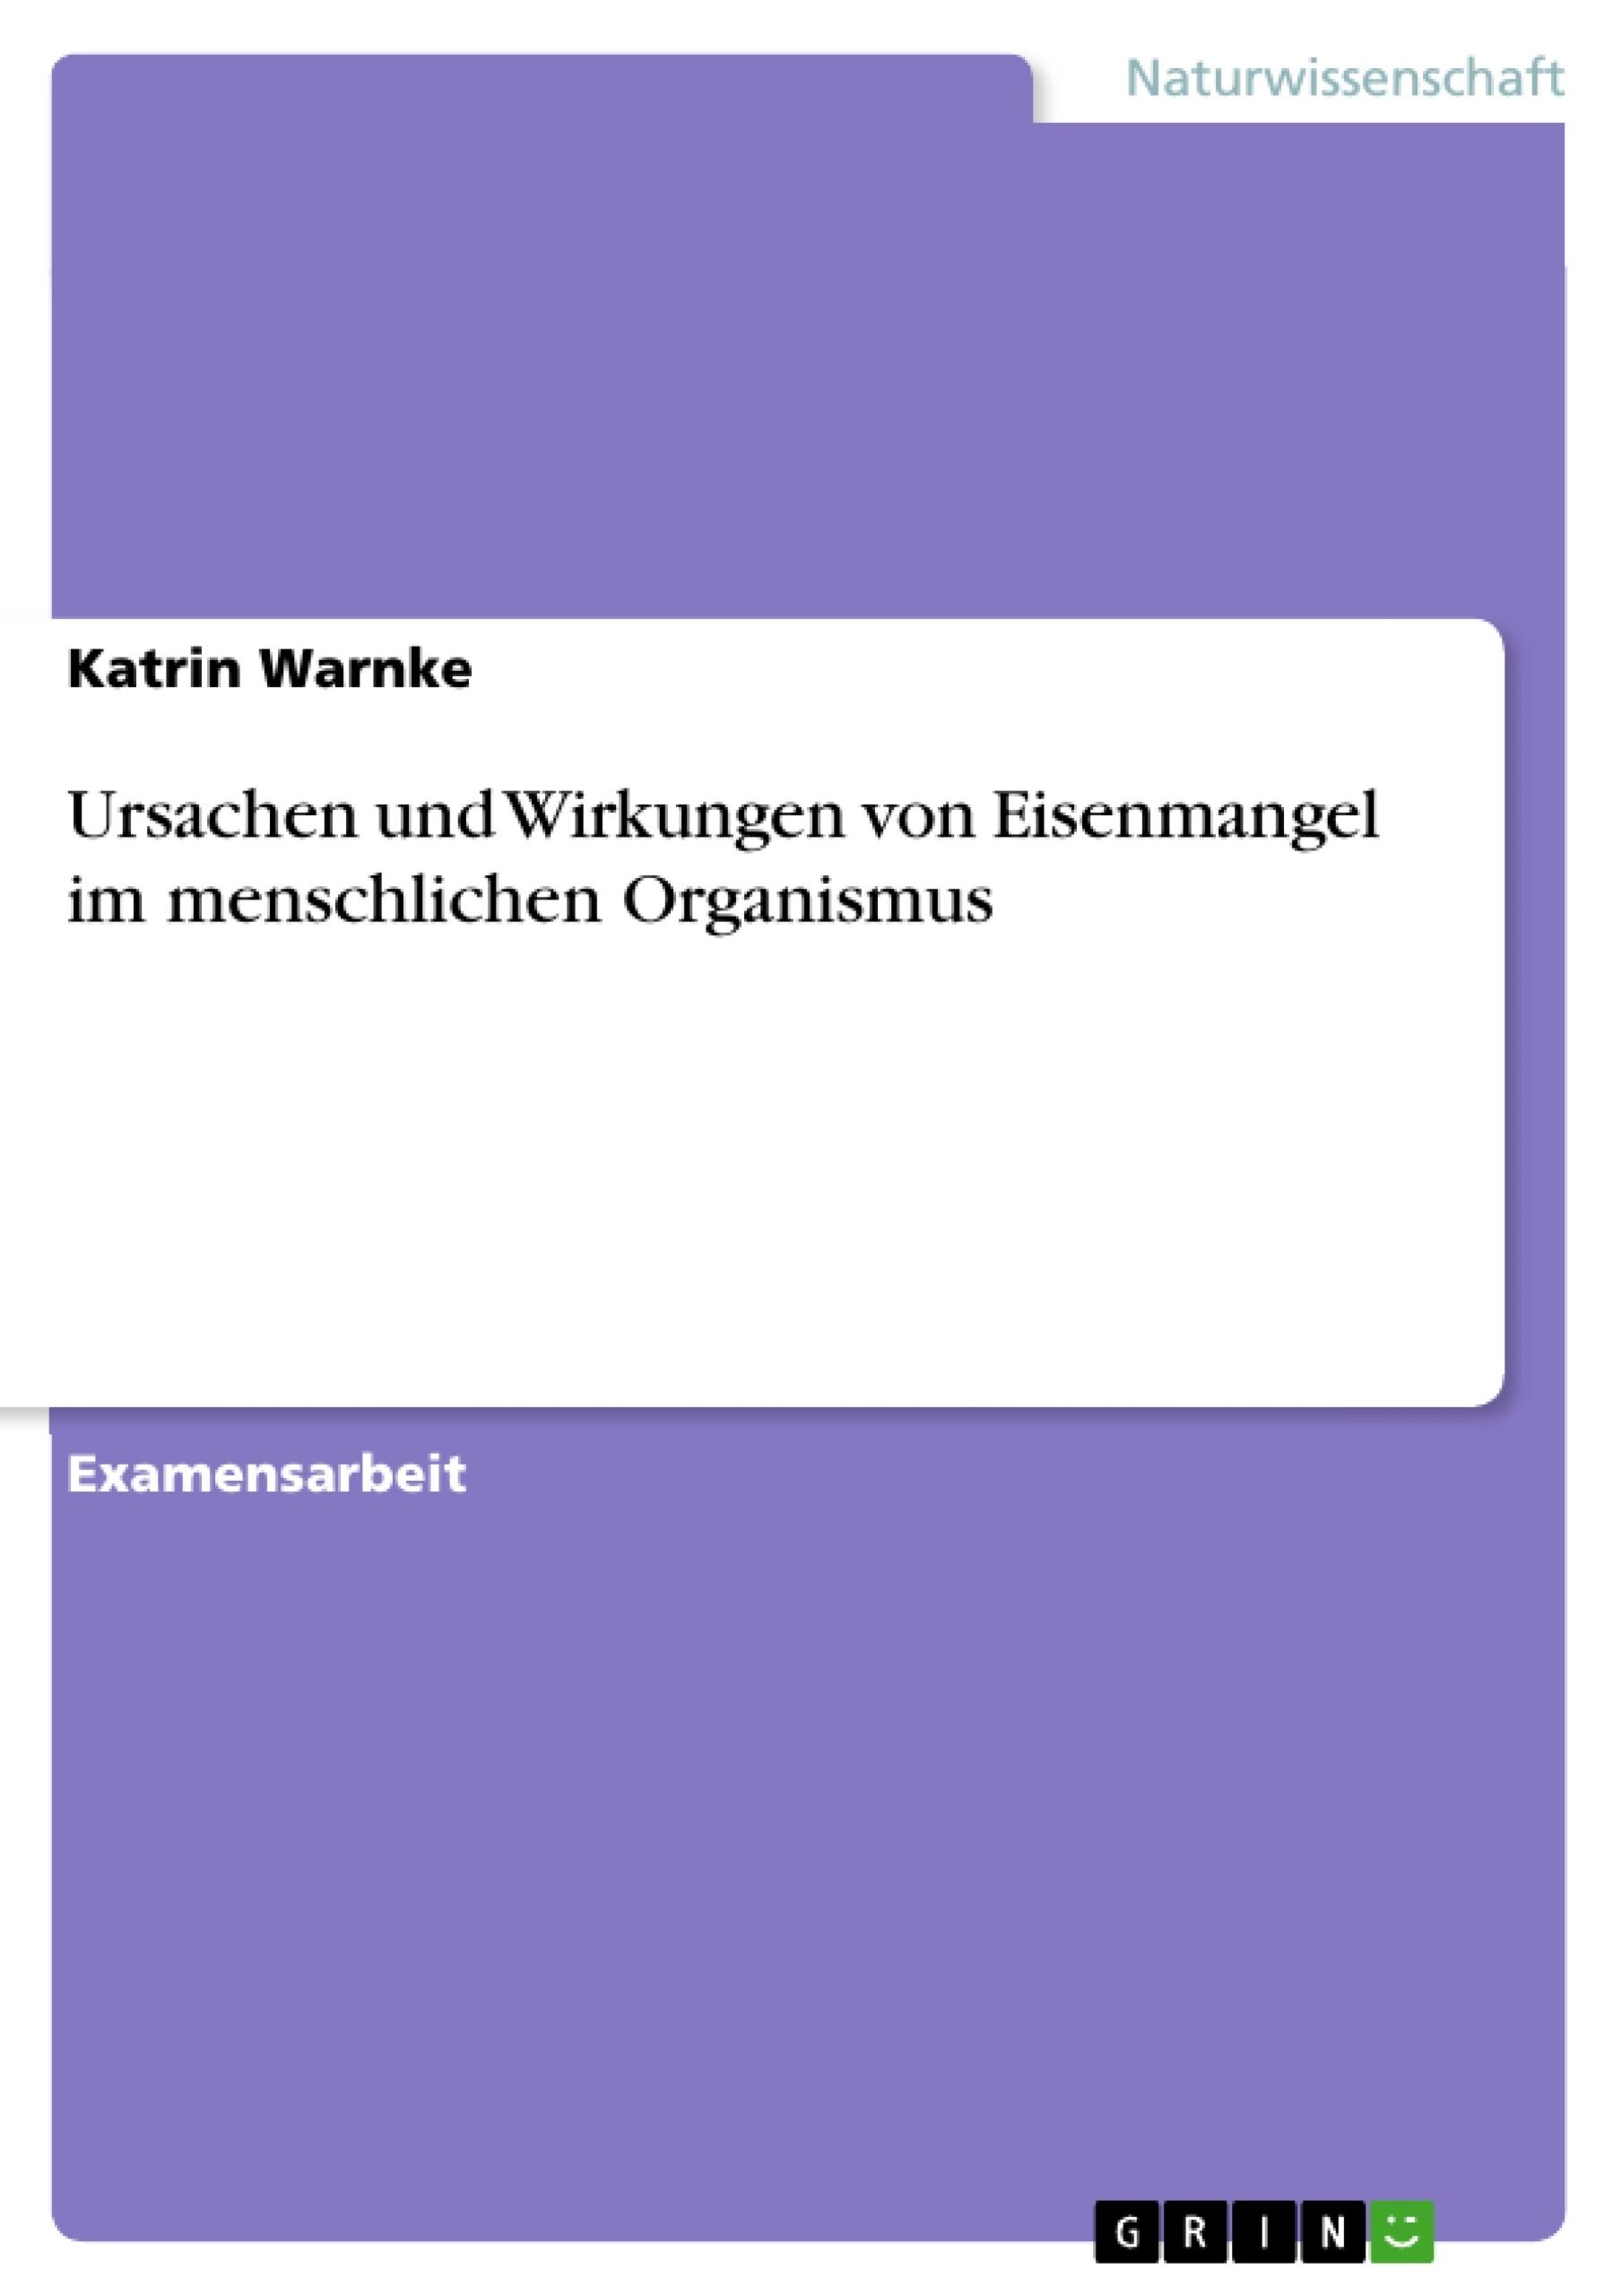 Titel: Ursachen und Wirkungen von Eisenmangel im menschlichen Organismus